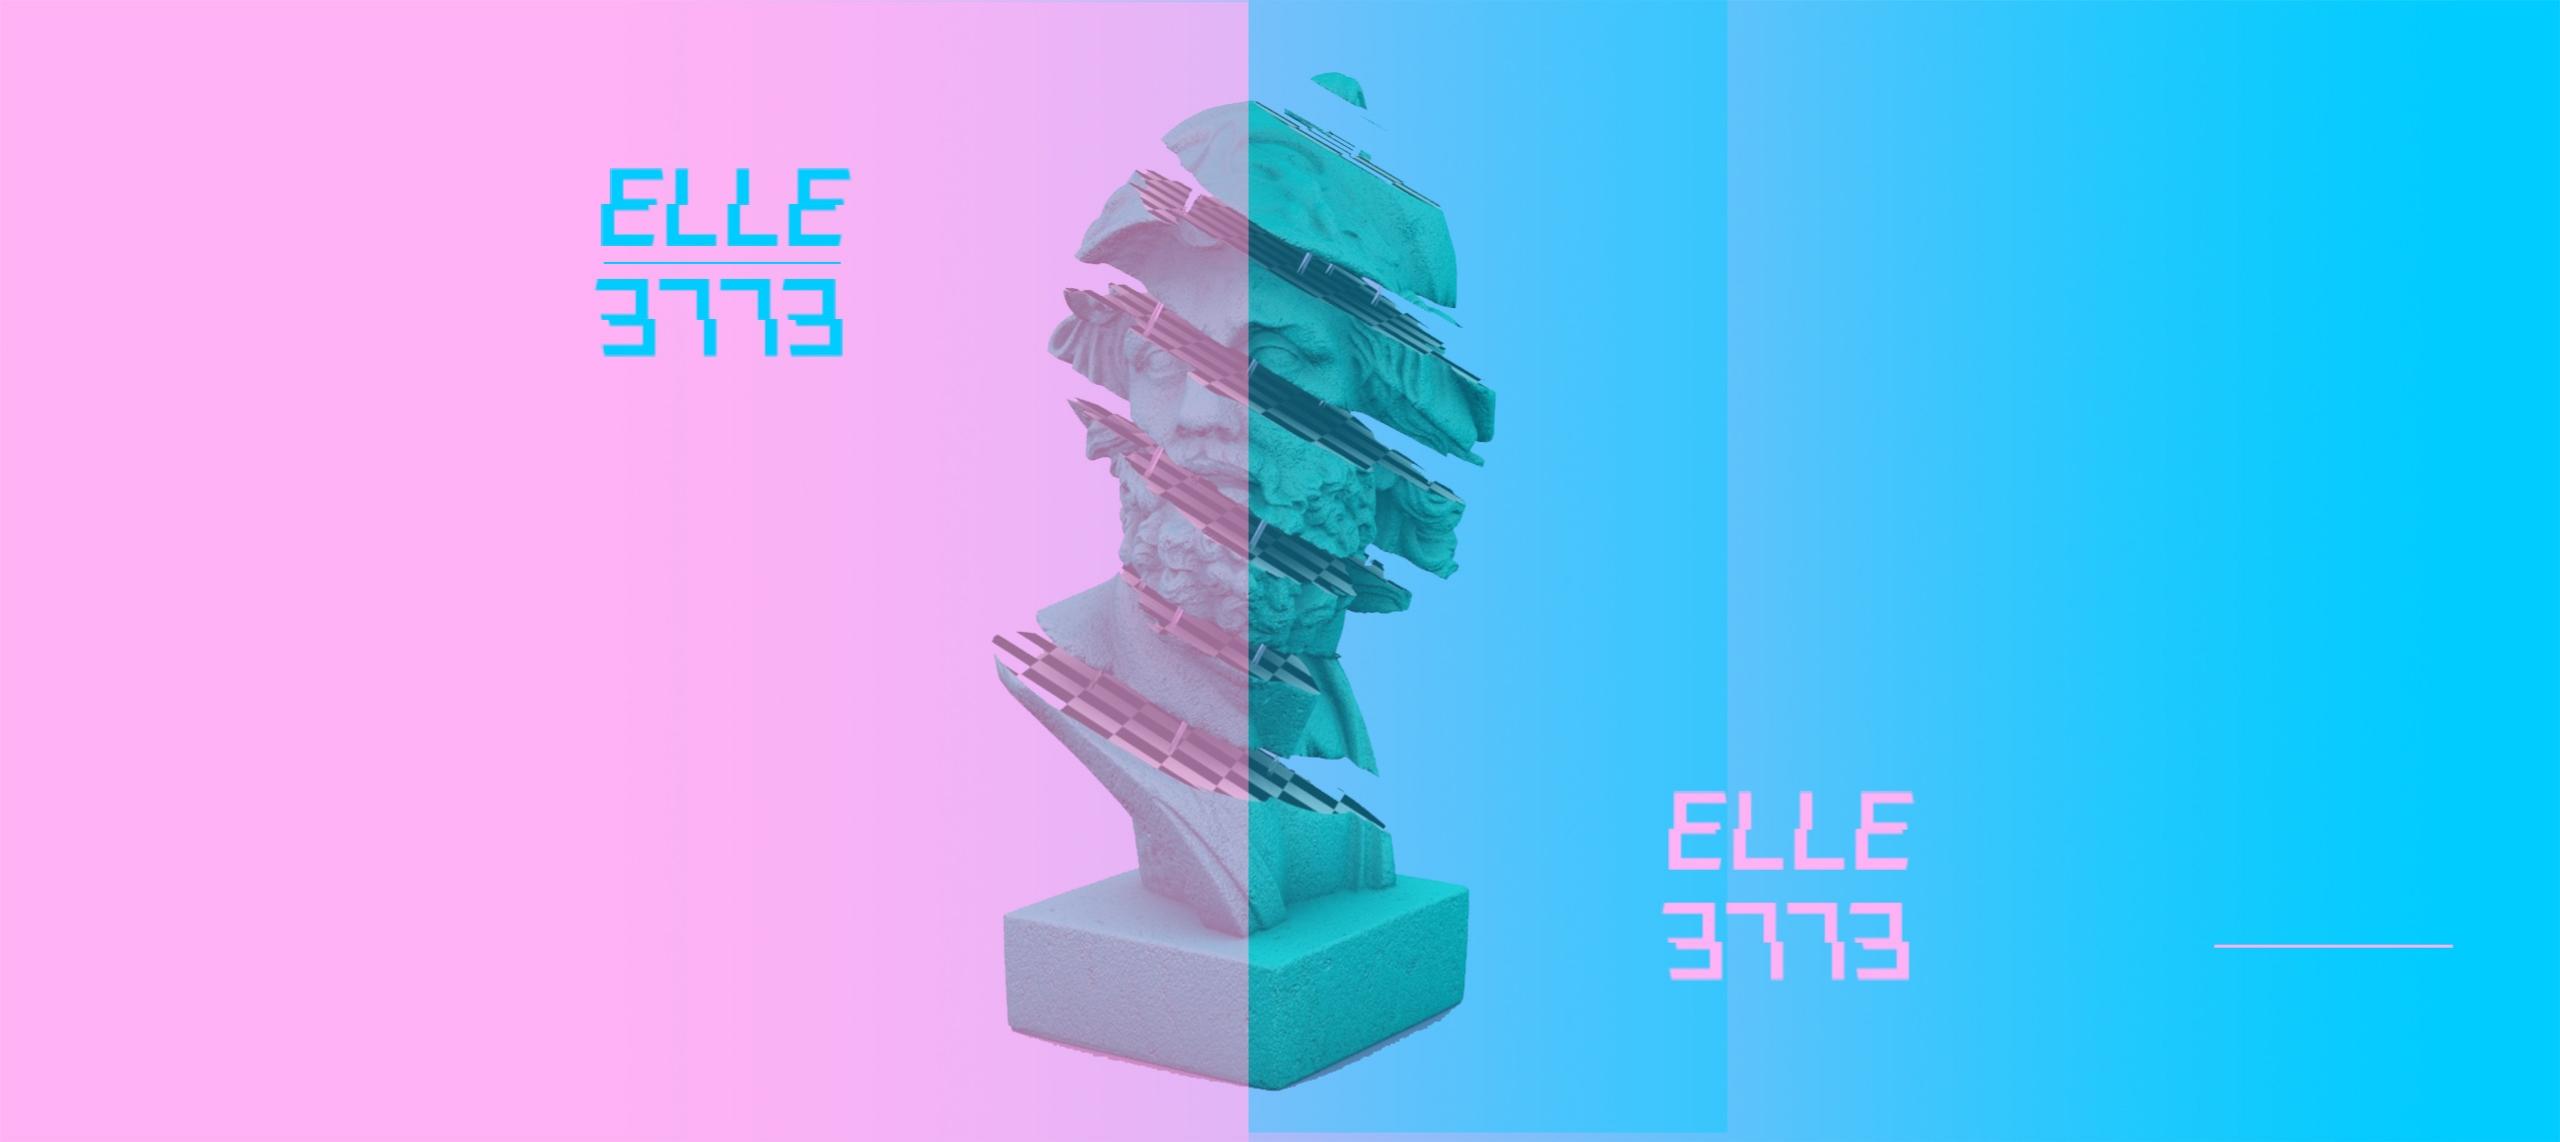 ELLE_LUKE (@lucaelle) Cover Image